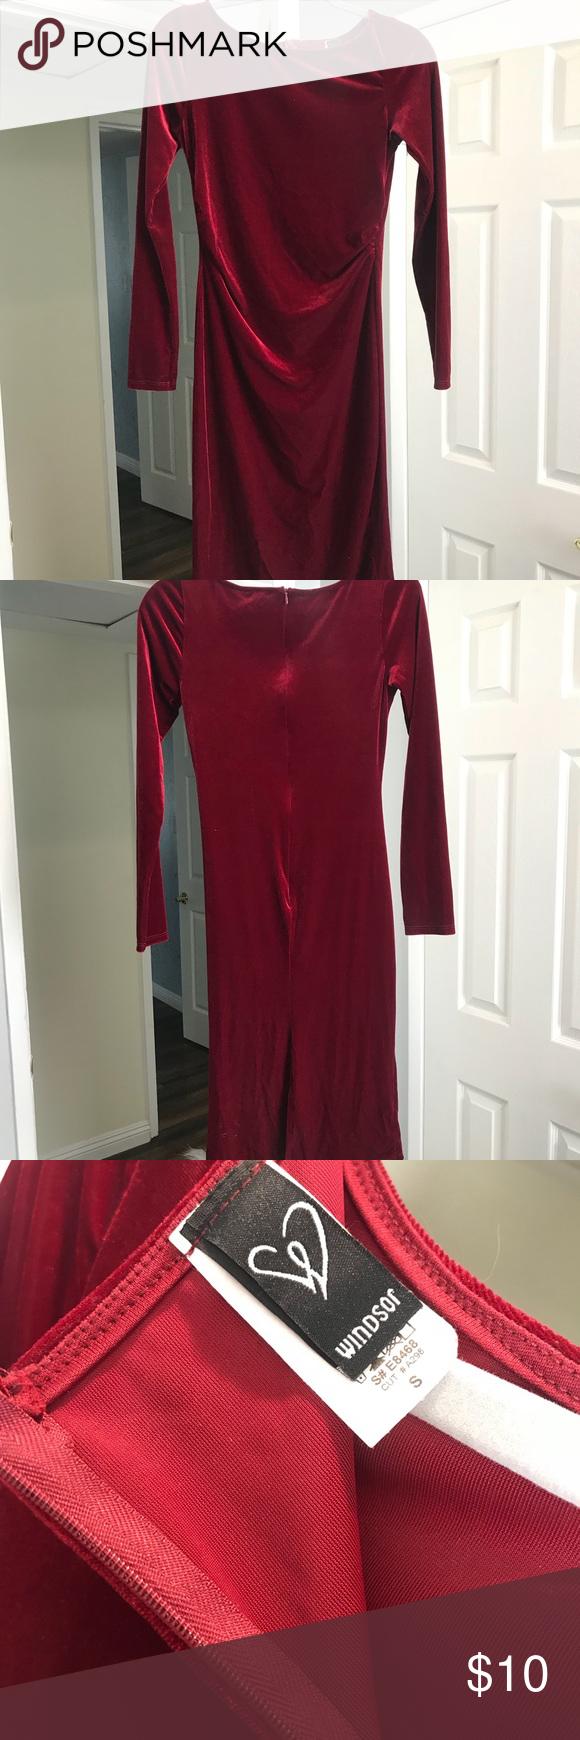 Windsor Velvet Dress Long Sleeved Velvet Burgundy Dress Knee Length With Cinching By Waist Windsor Velvet Dress Burgundy Velvet Dress Long Sleeve Velvet Dress [ 1740 x 580 Pixel ]